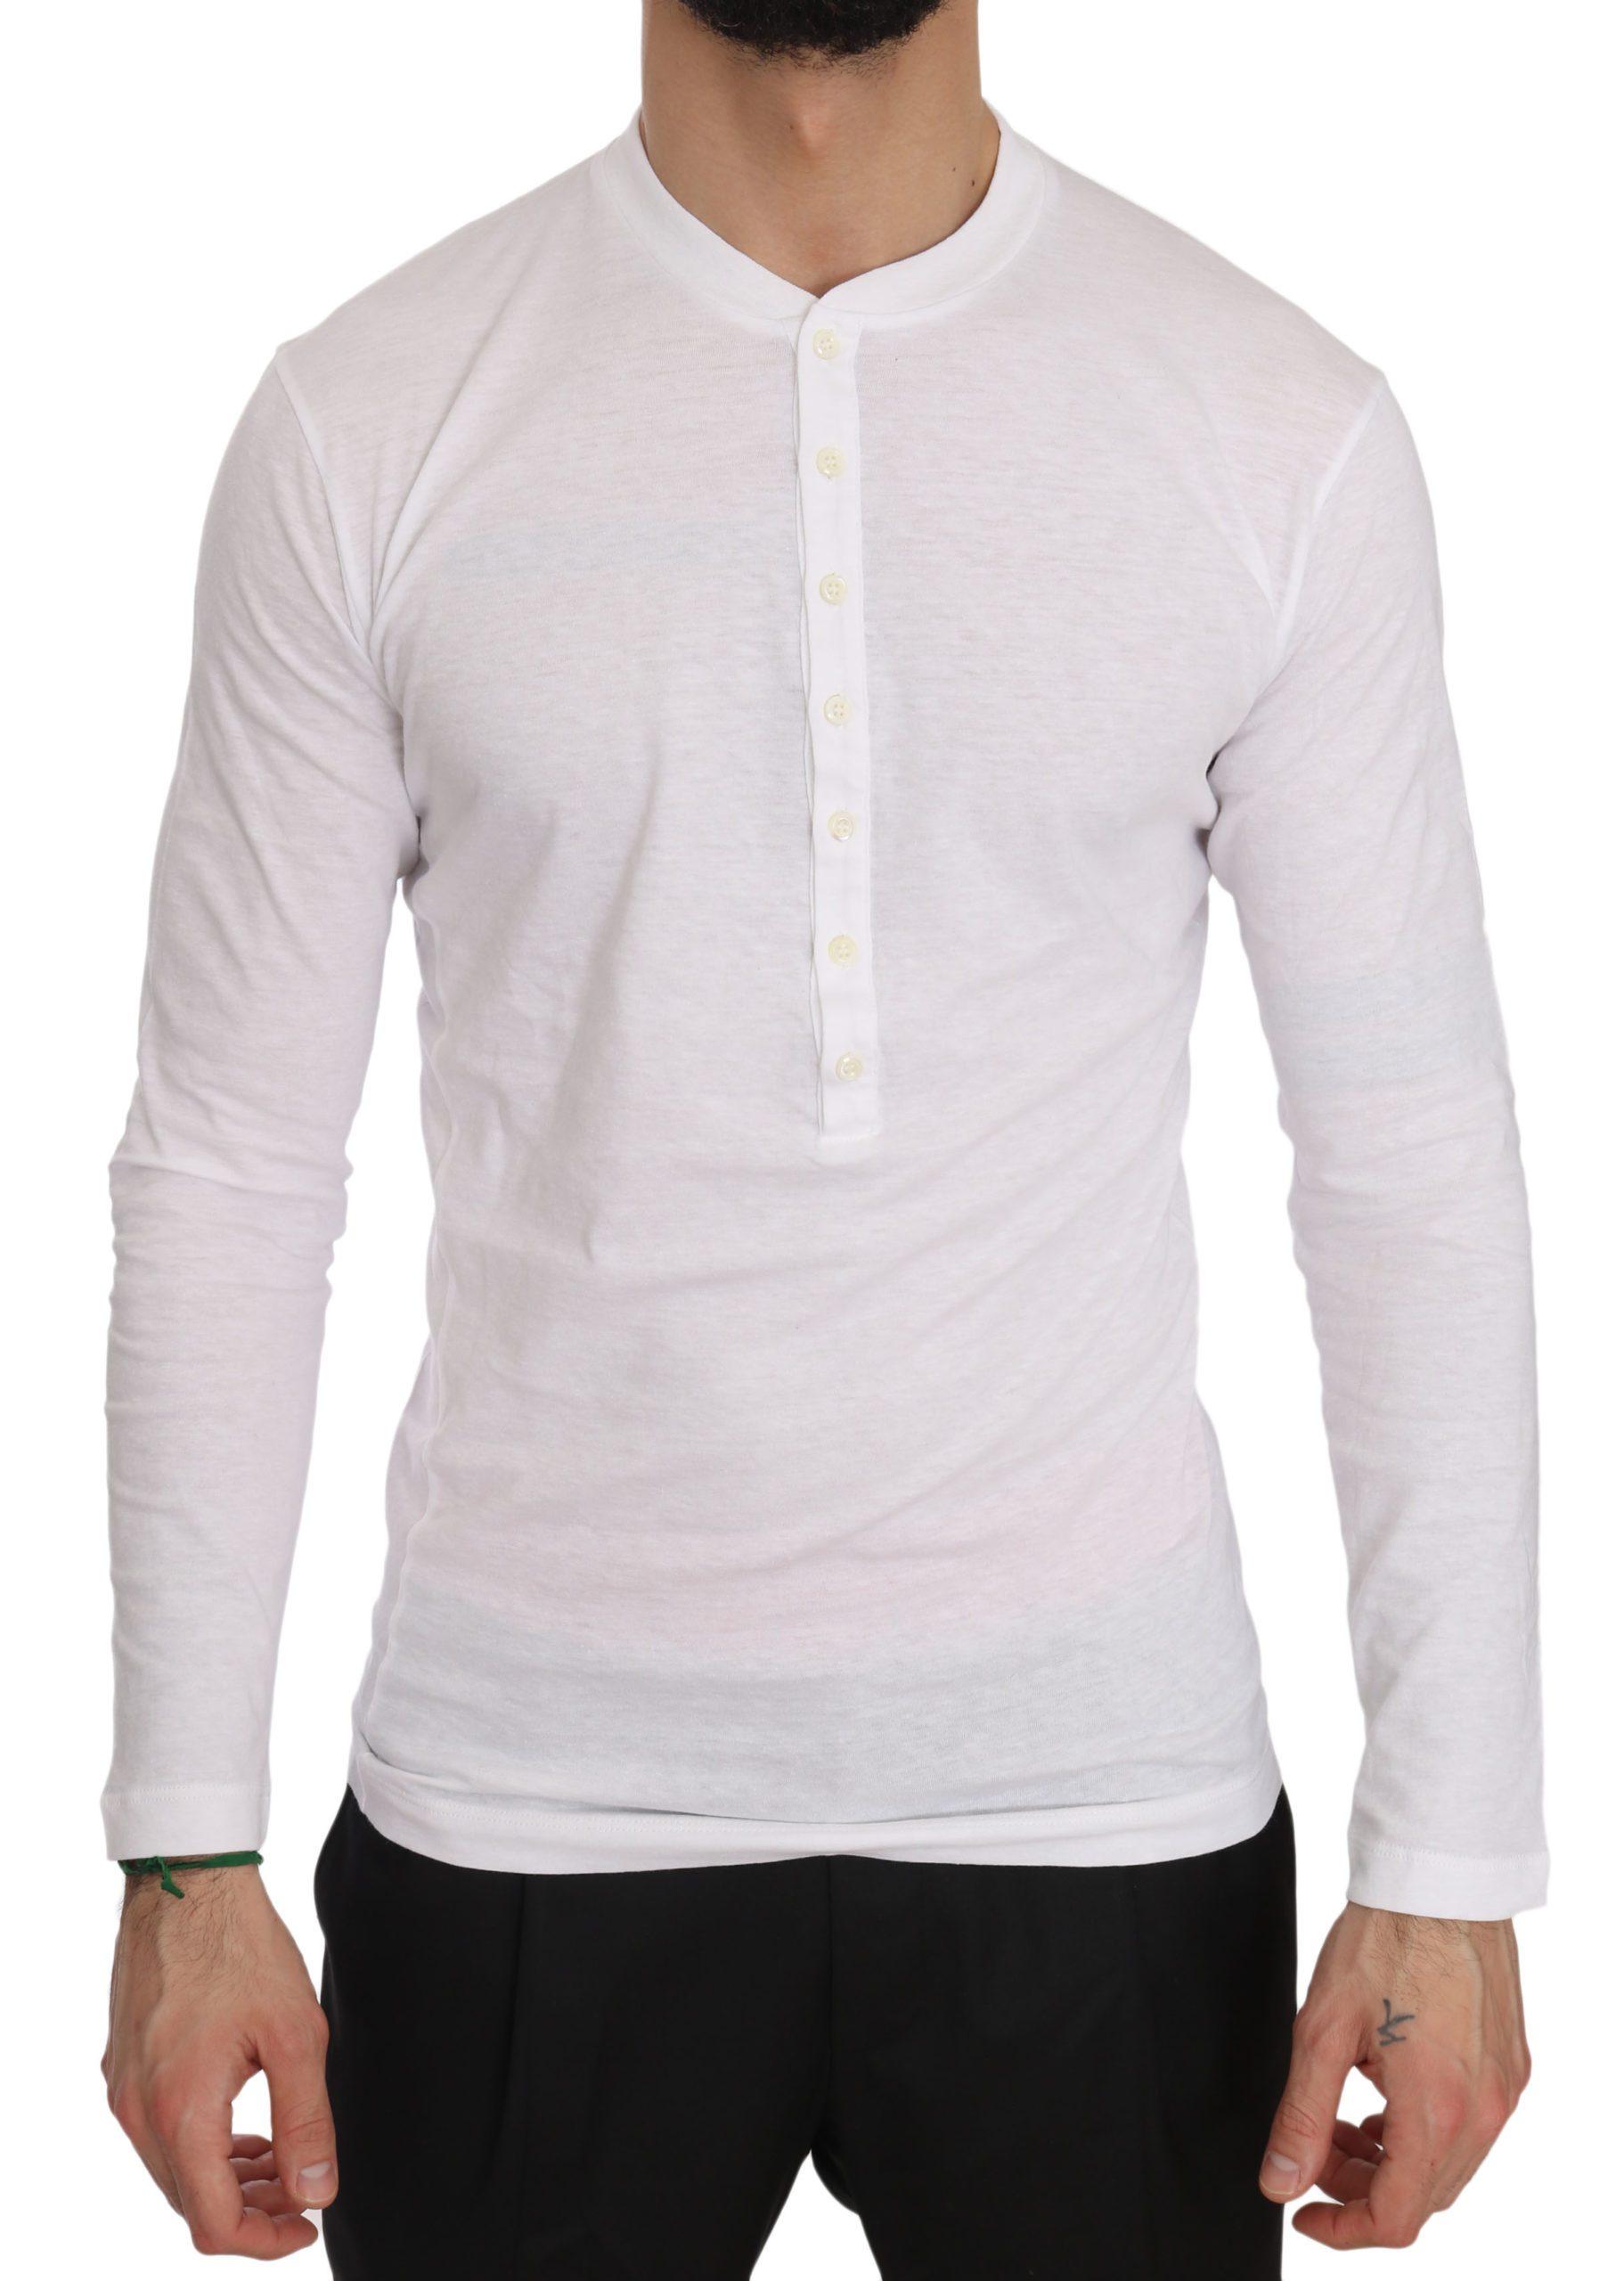 Dsquared² Men's Cotton Logo Print Henley T-Shirt White TSH3593 - XS